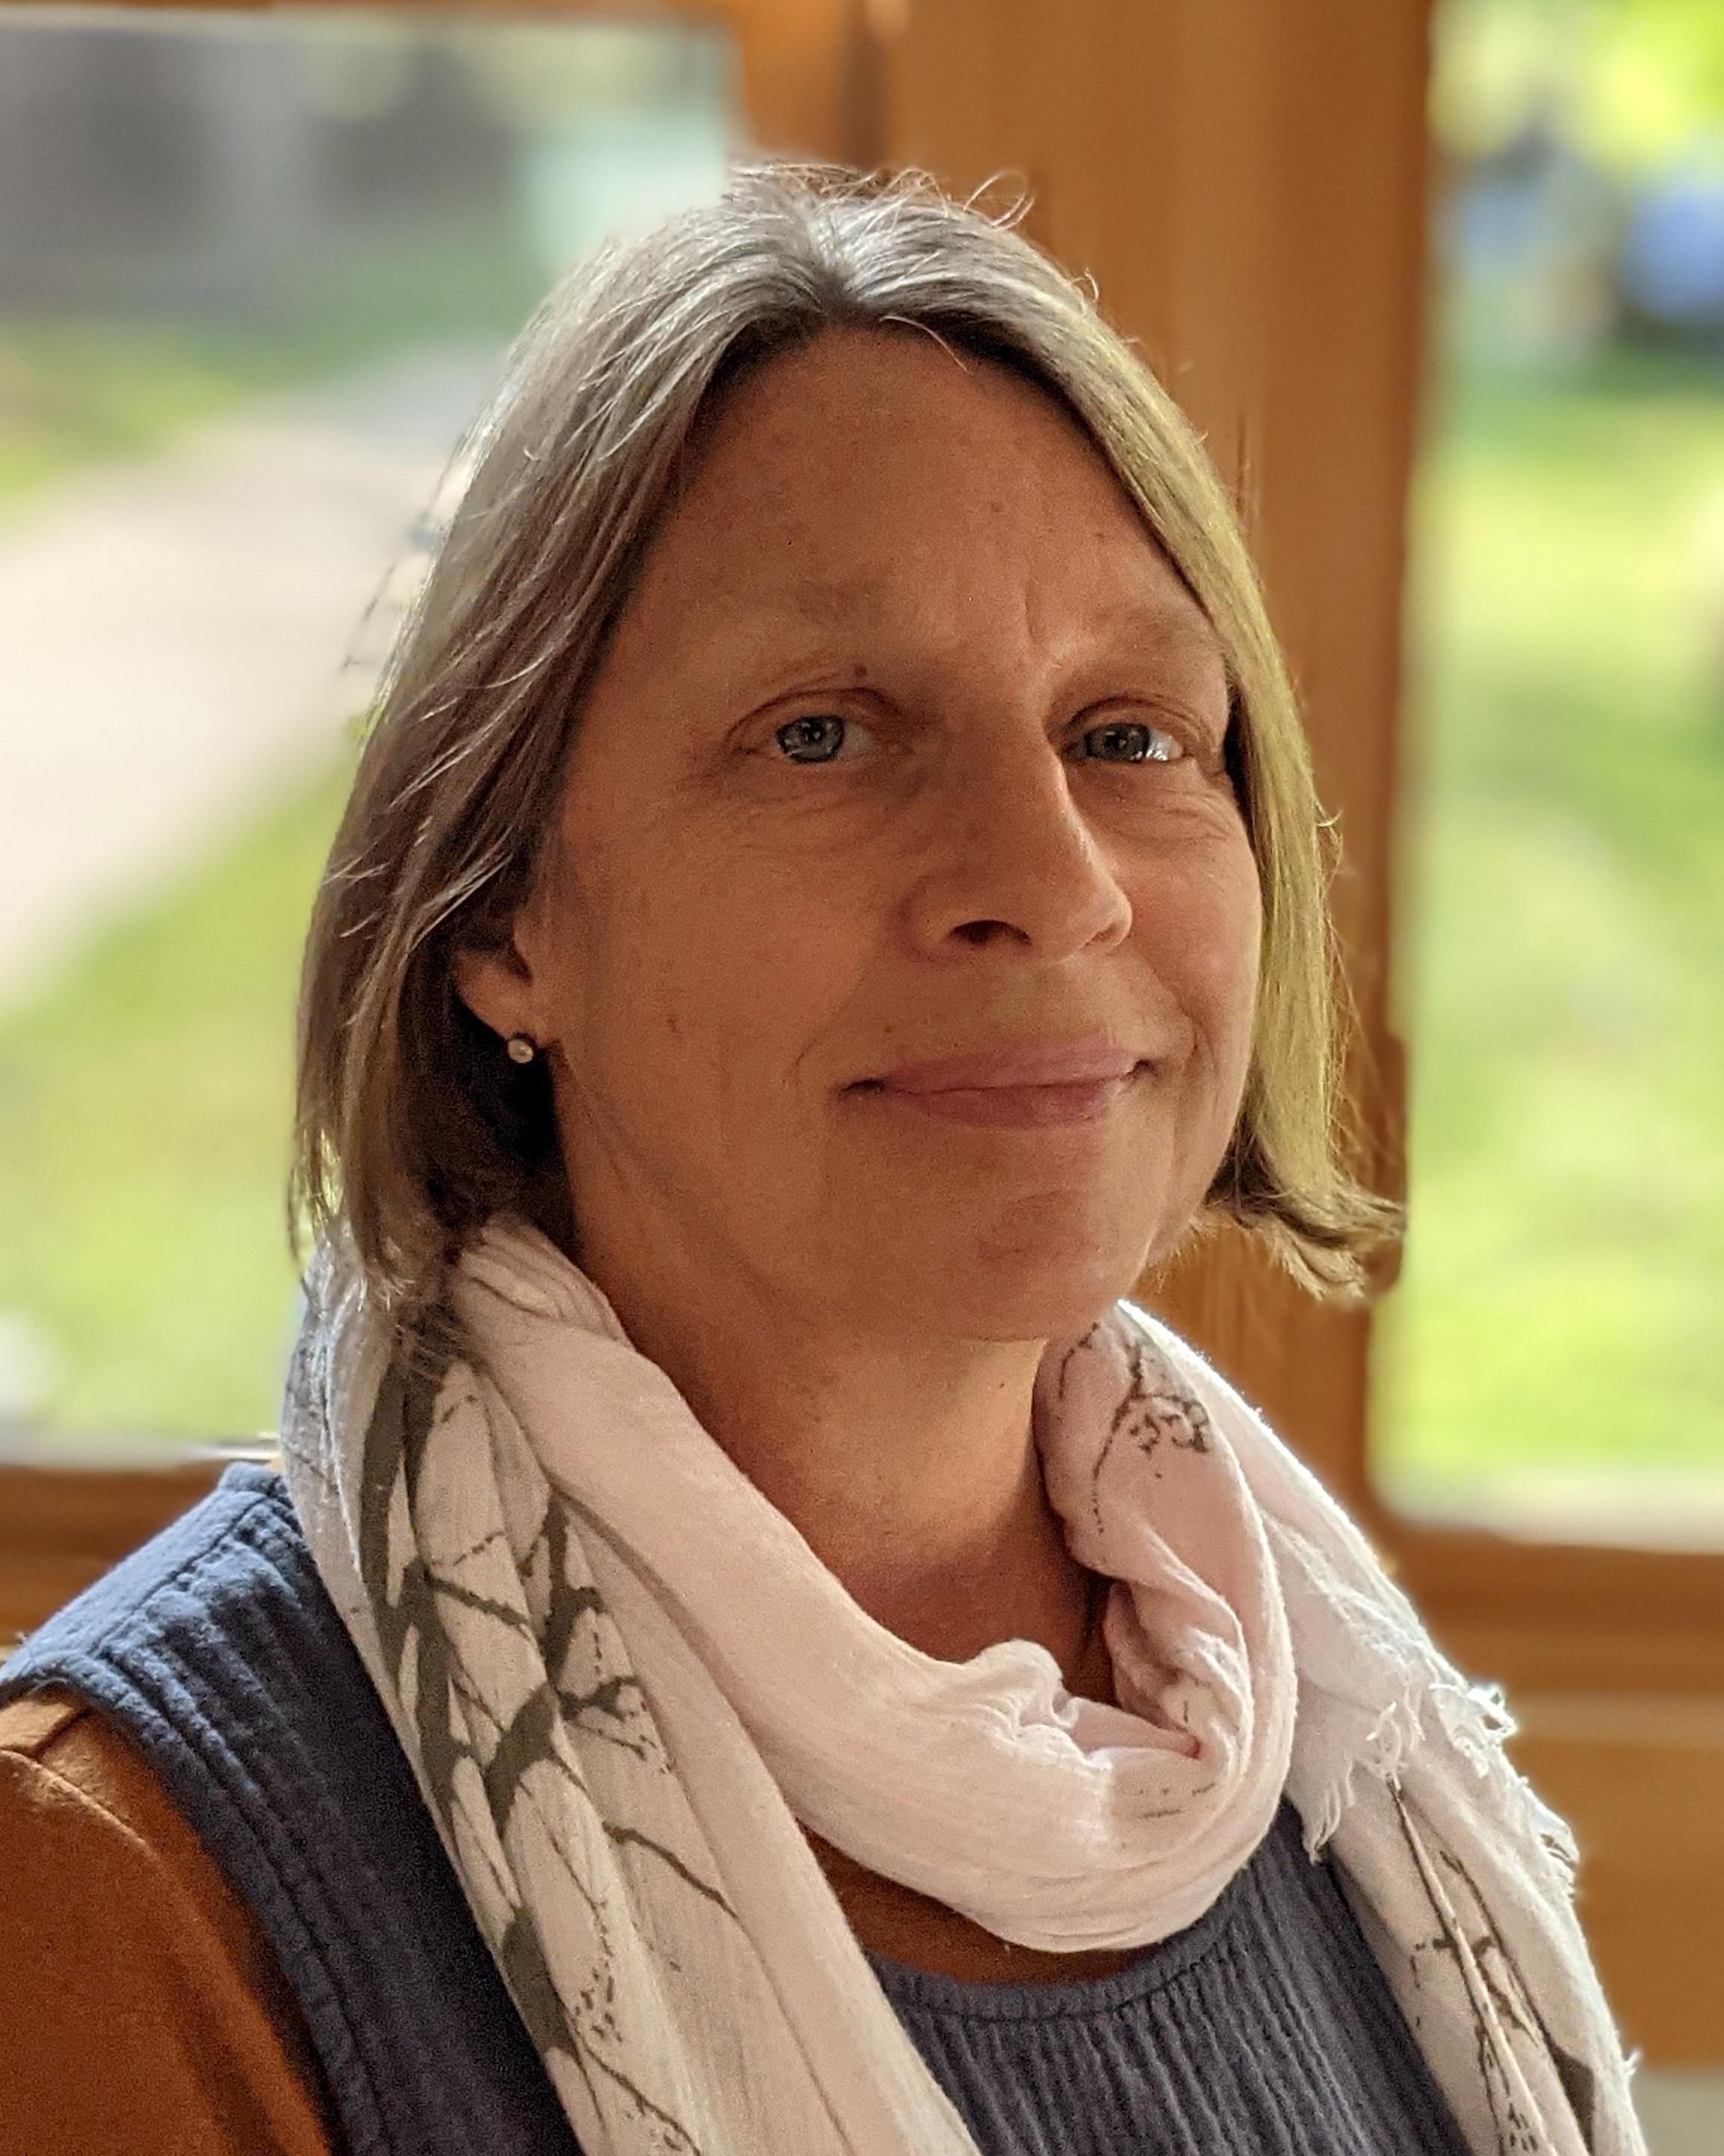 Cindy Harrington